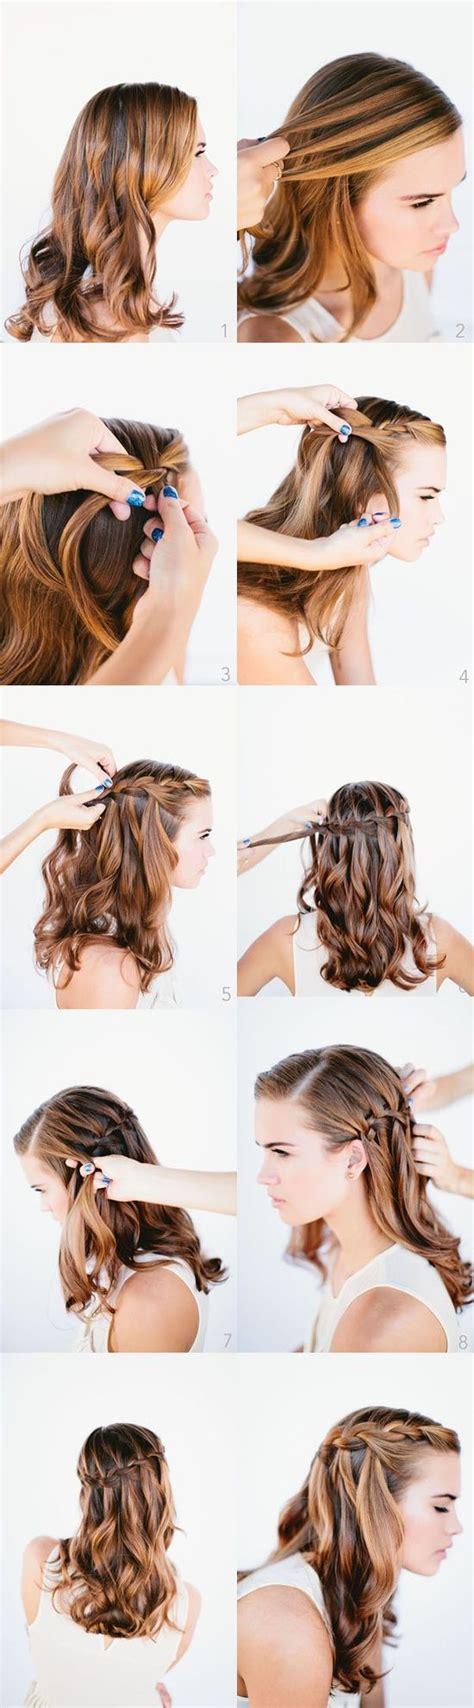 hair     waterfall braid hairstyle fab fashion fix